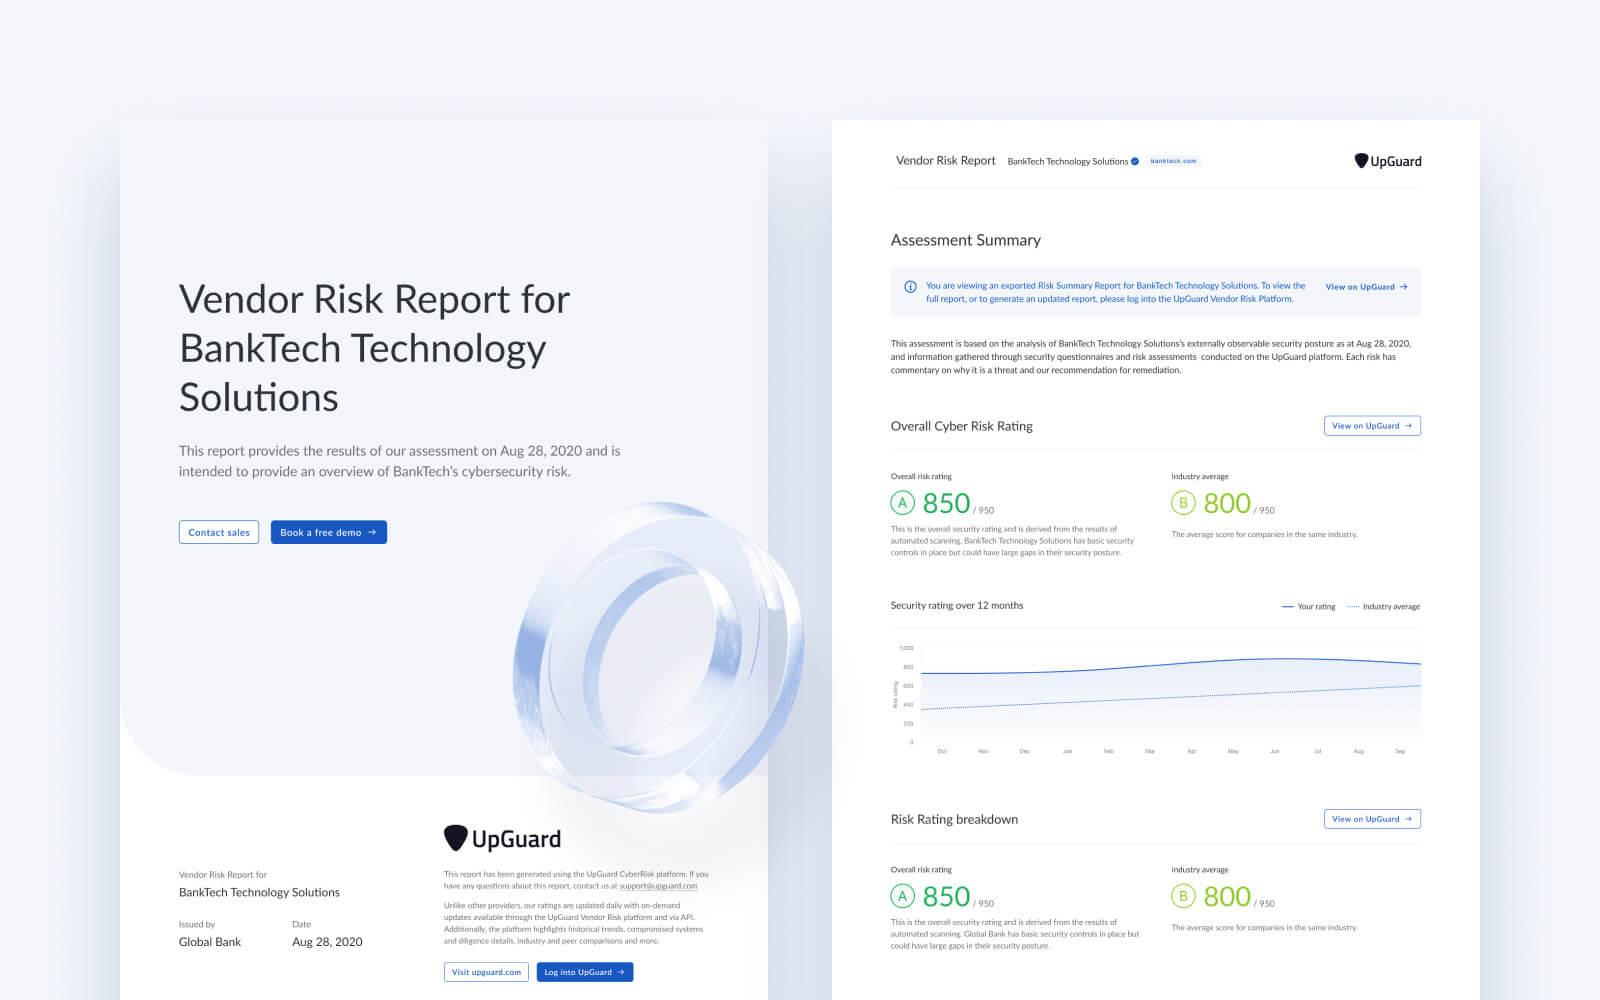 New vendor risk report